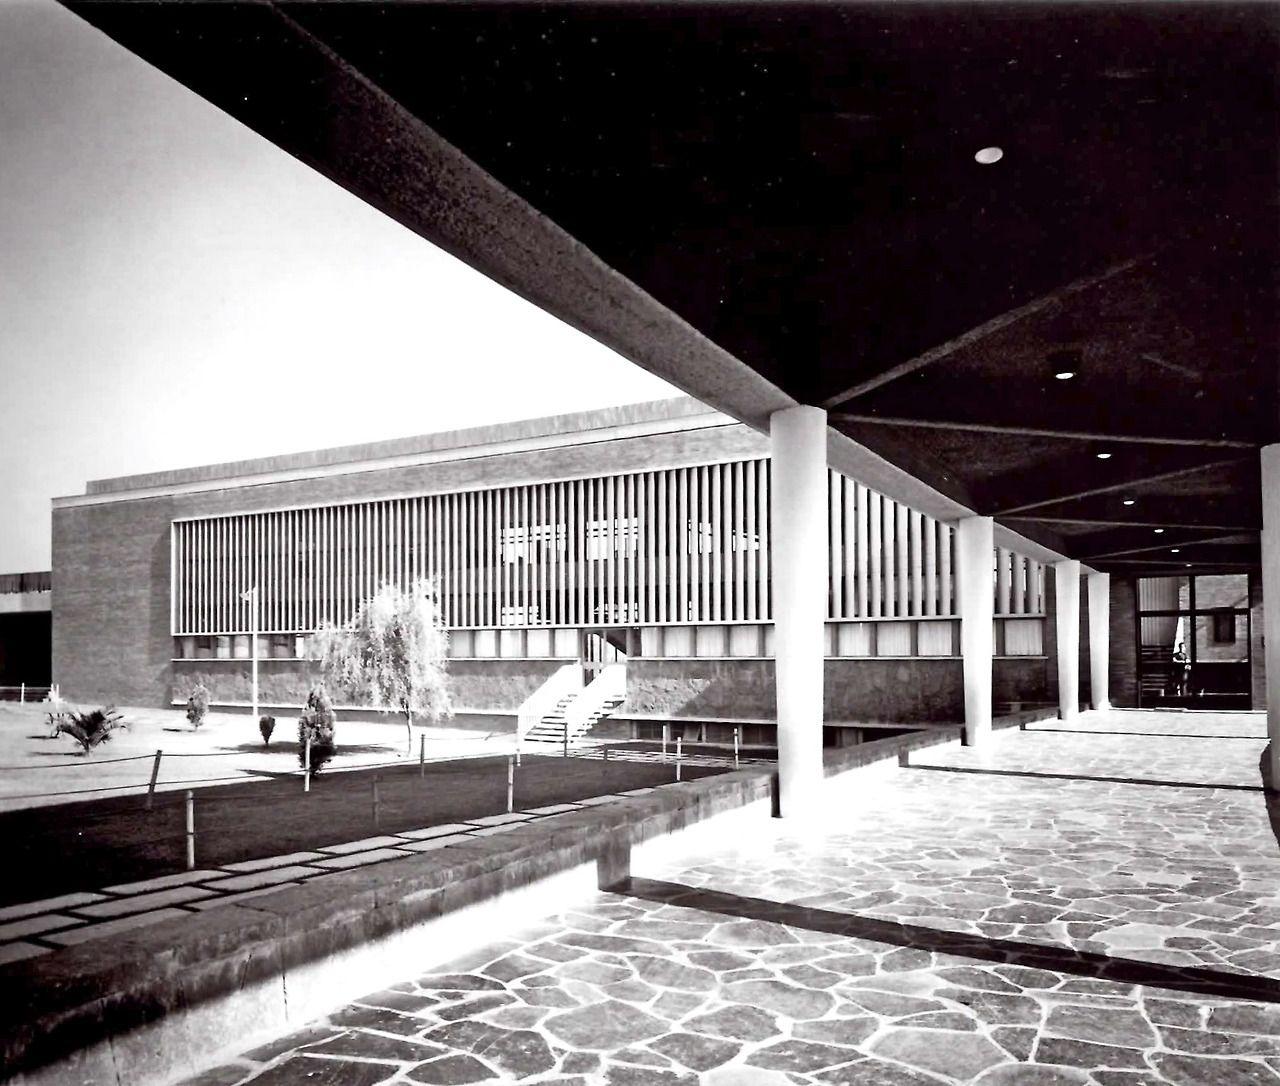 Detalle de la fachada, Centro Deportivo Israelita, Av. Ávila Camacho, Lomas de Sotelo, México DF 1955-1958 Arq. Vladimir Kaspé - Detail of the facade, Jewish Sports Center, Lomas de Sotelo, Mexico City 1955-1958